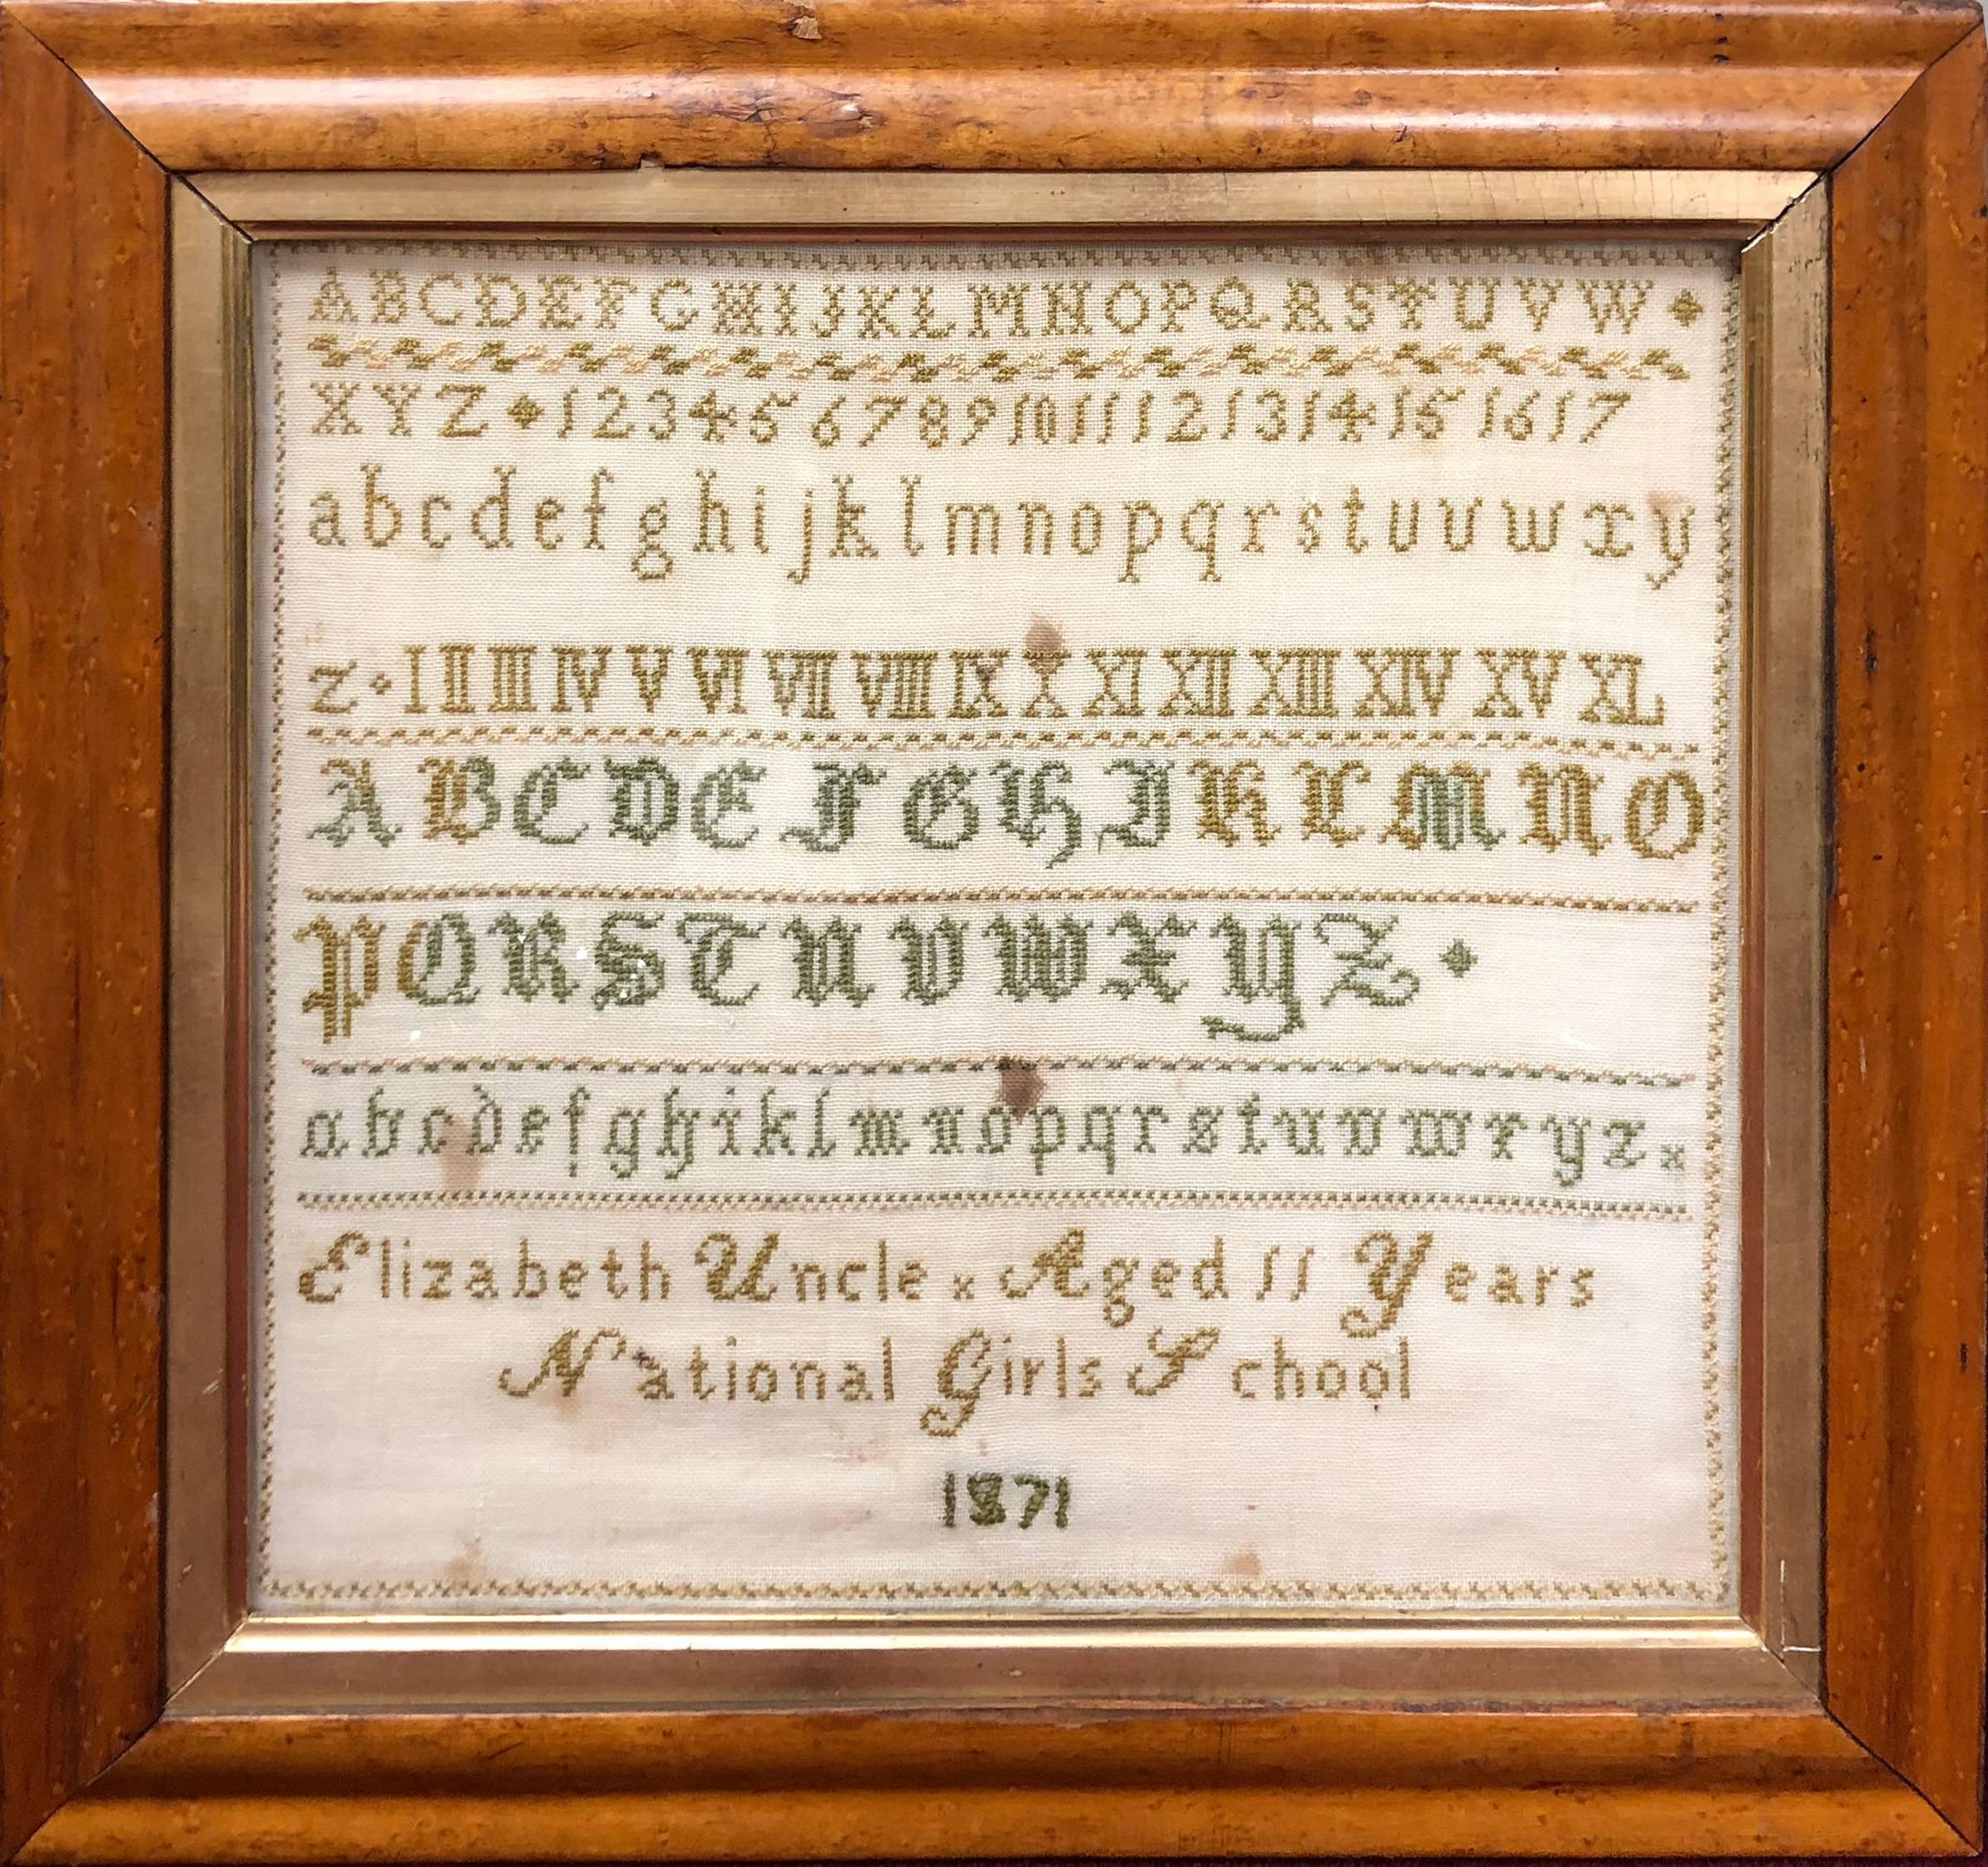 Sampler by Elizabeth Uncle, Aged 11, National Girls School